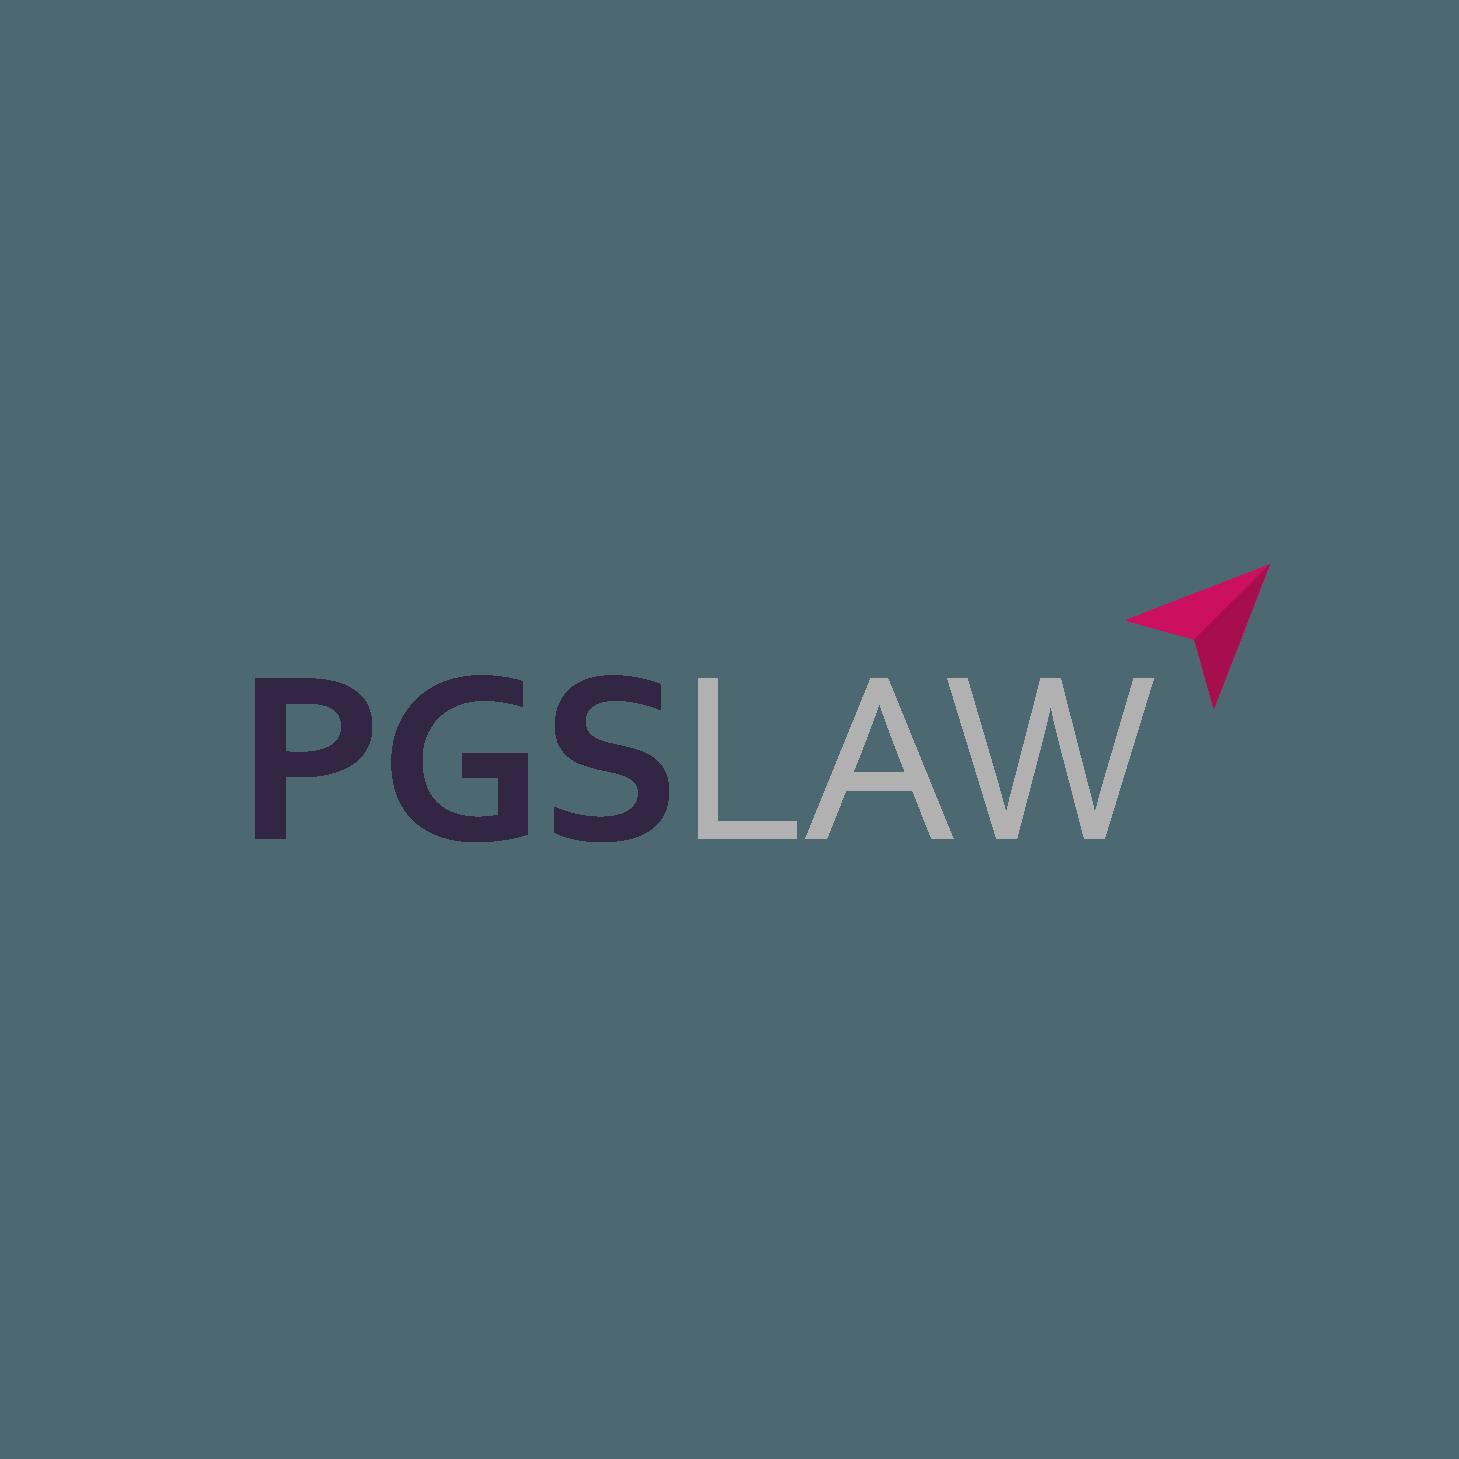 (c) Pgslaw.co.uk